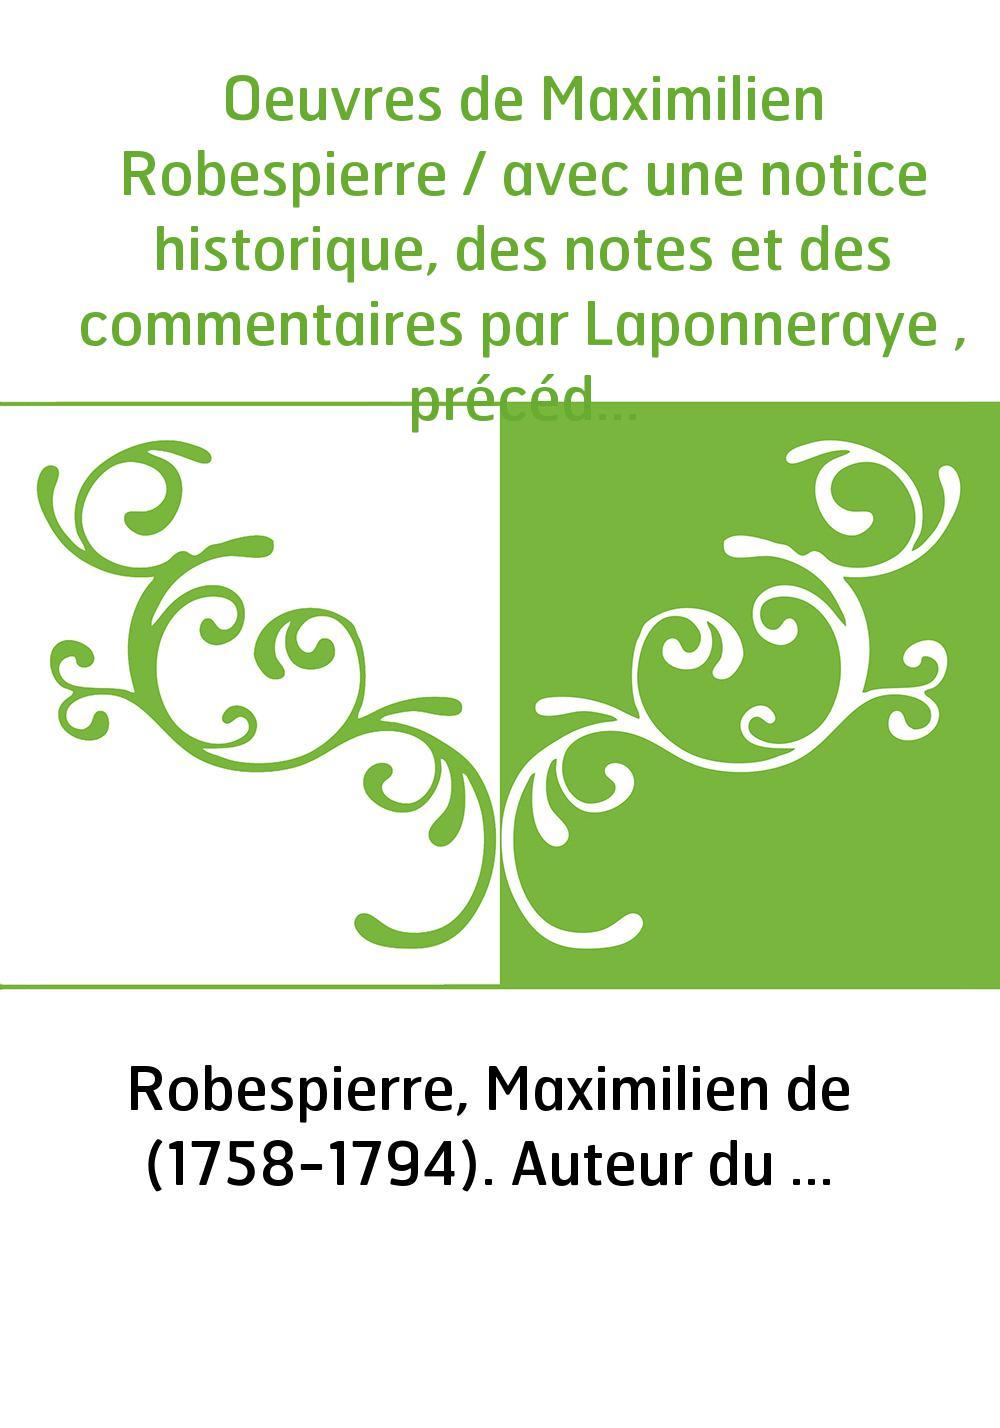 Oeuvres de Maximilien Robespierre / avec une notice historique, des notes et des commentaires par Laponneraye , précédées de con